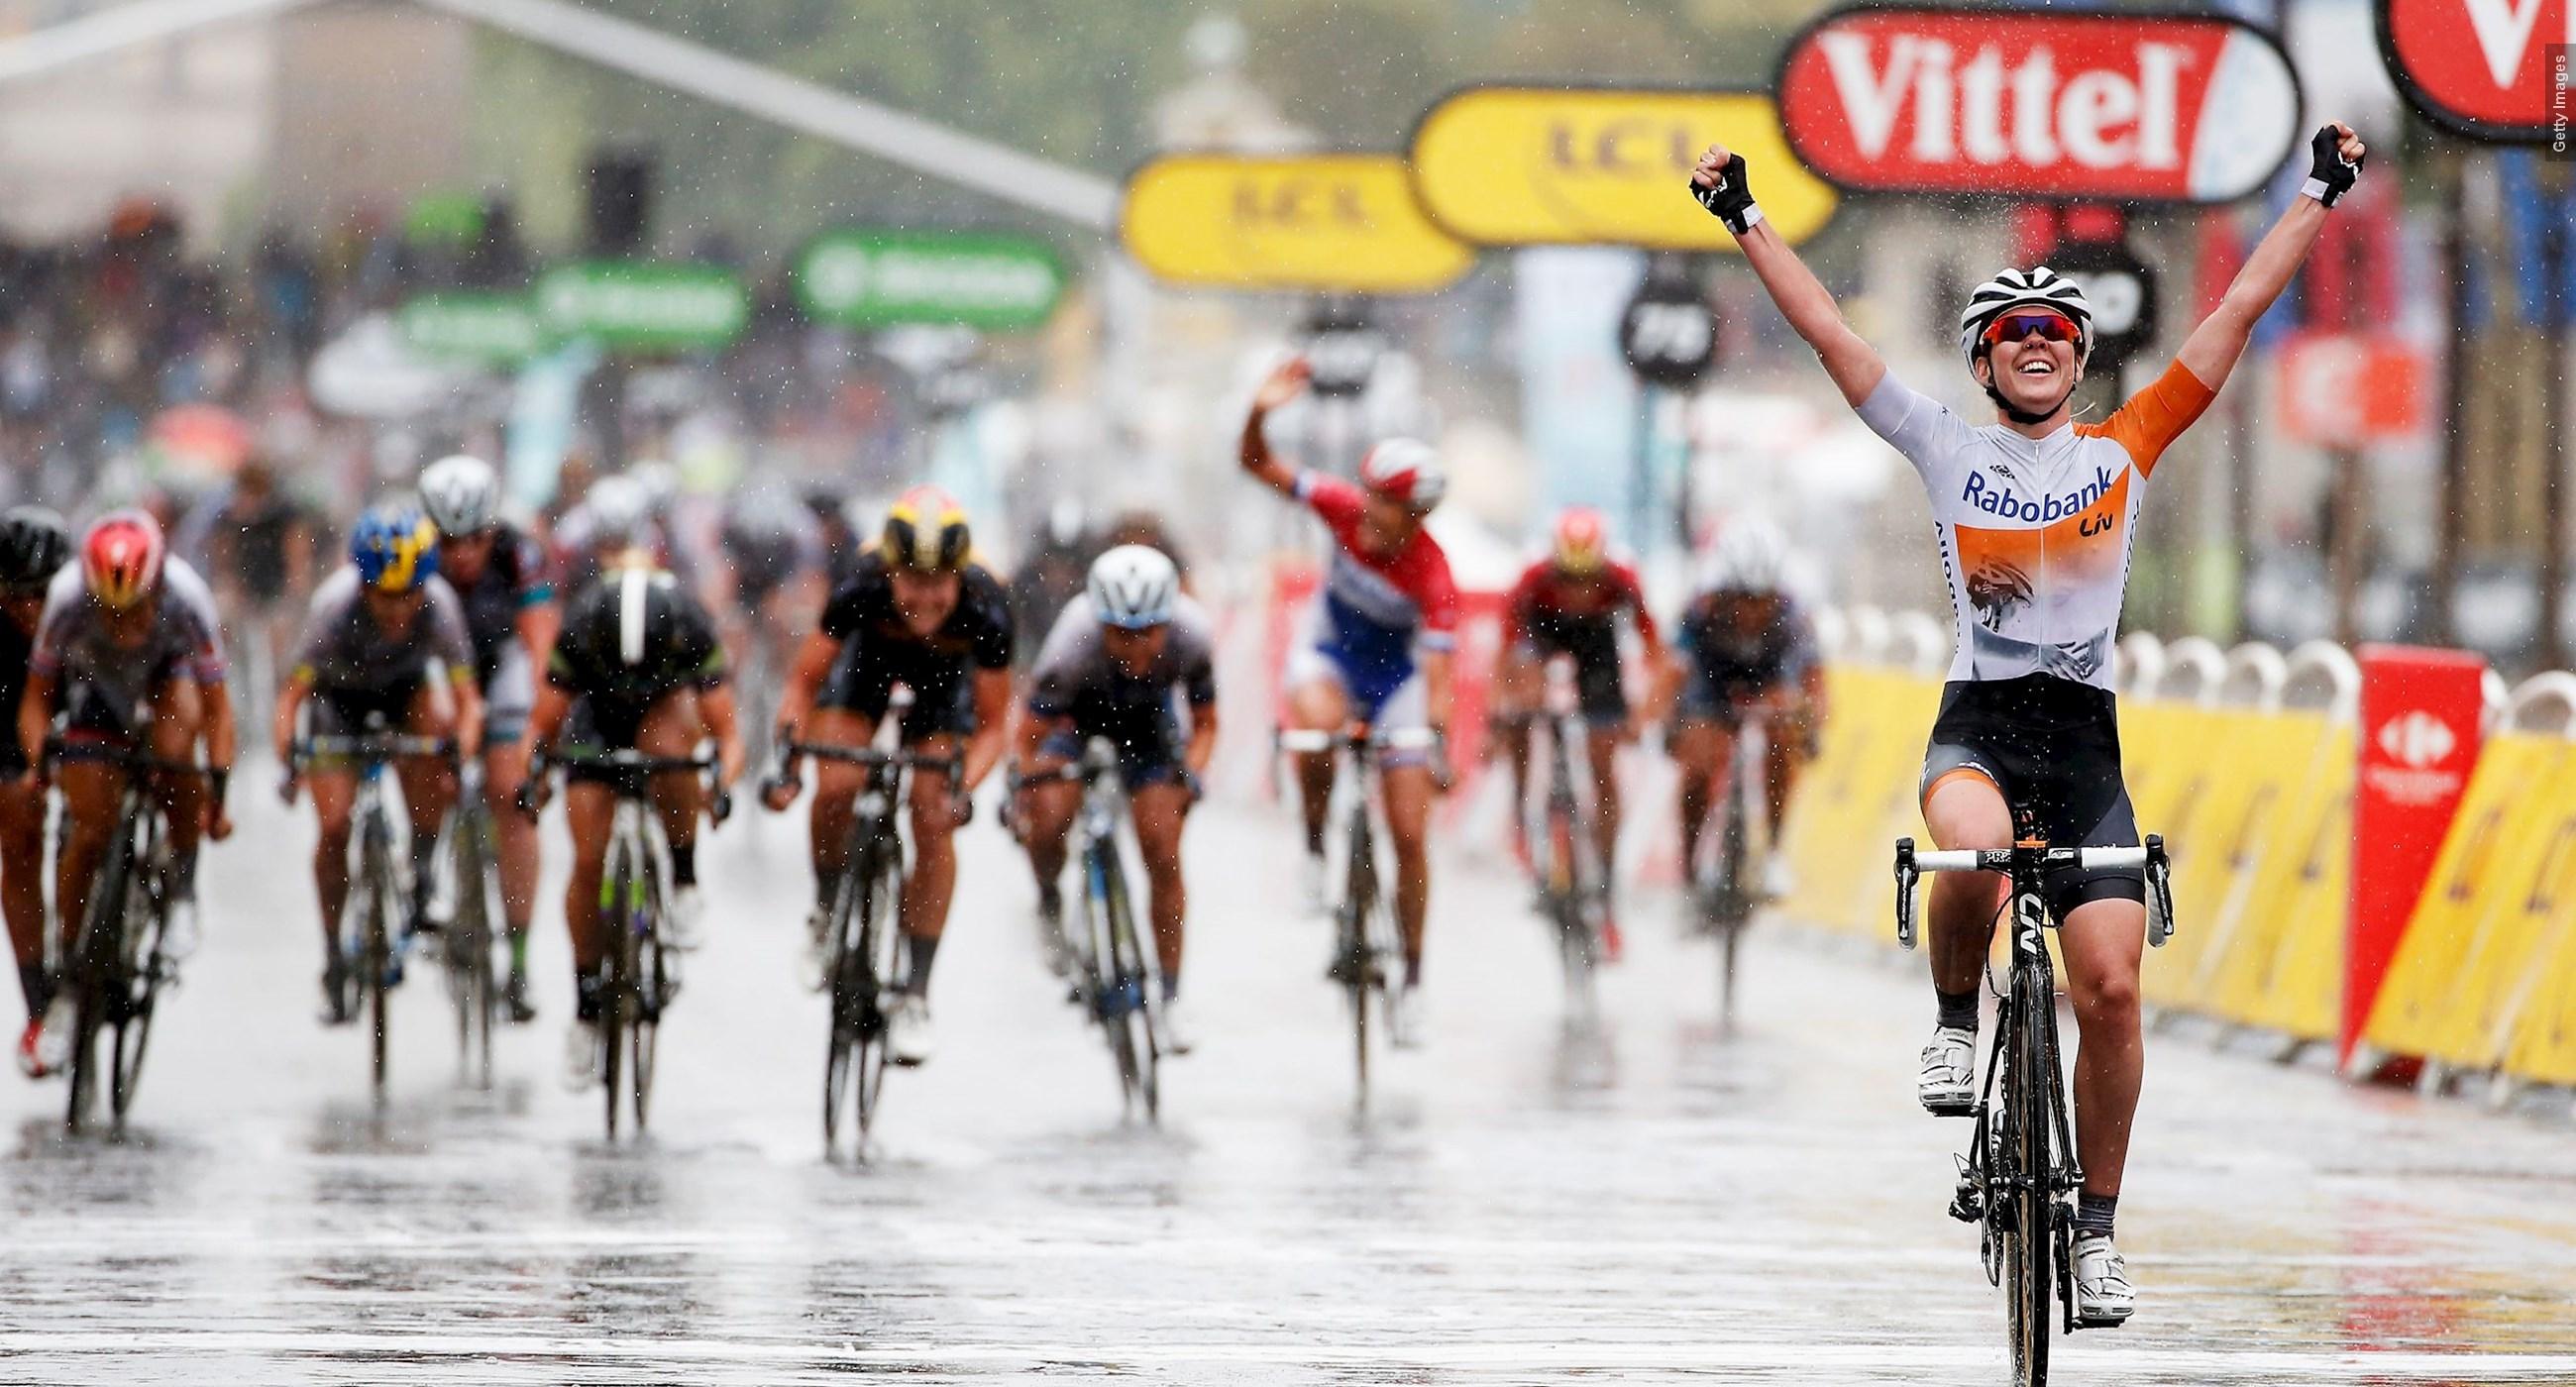 World Tour wielrennen (v): Giro d'Italia Femminile